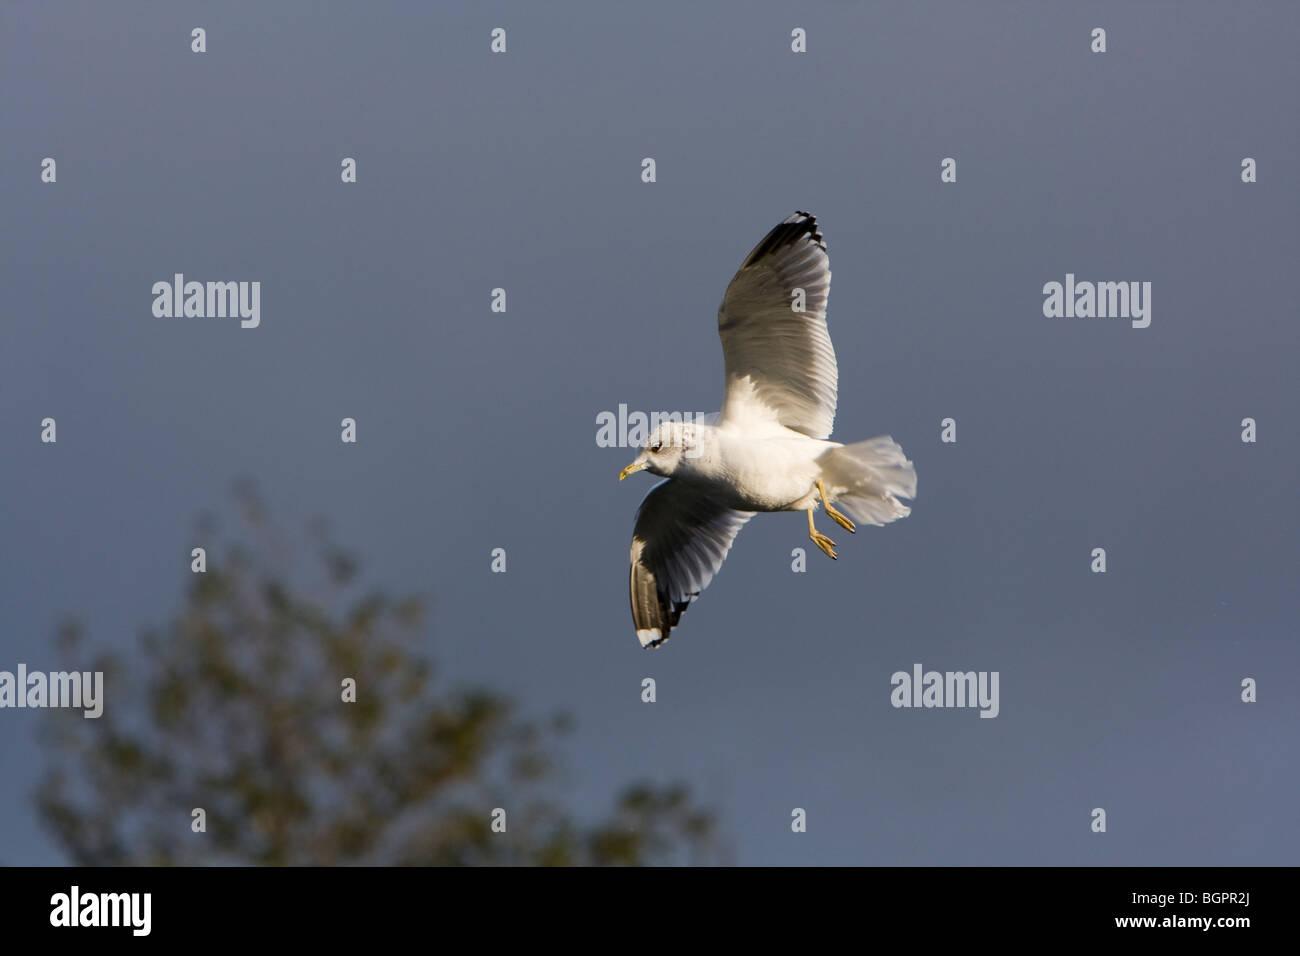 Common Gull Larus canus flying against stormy sky, Kensington Gardens, London - Stock Image